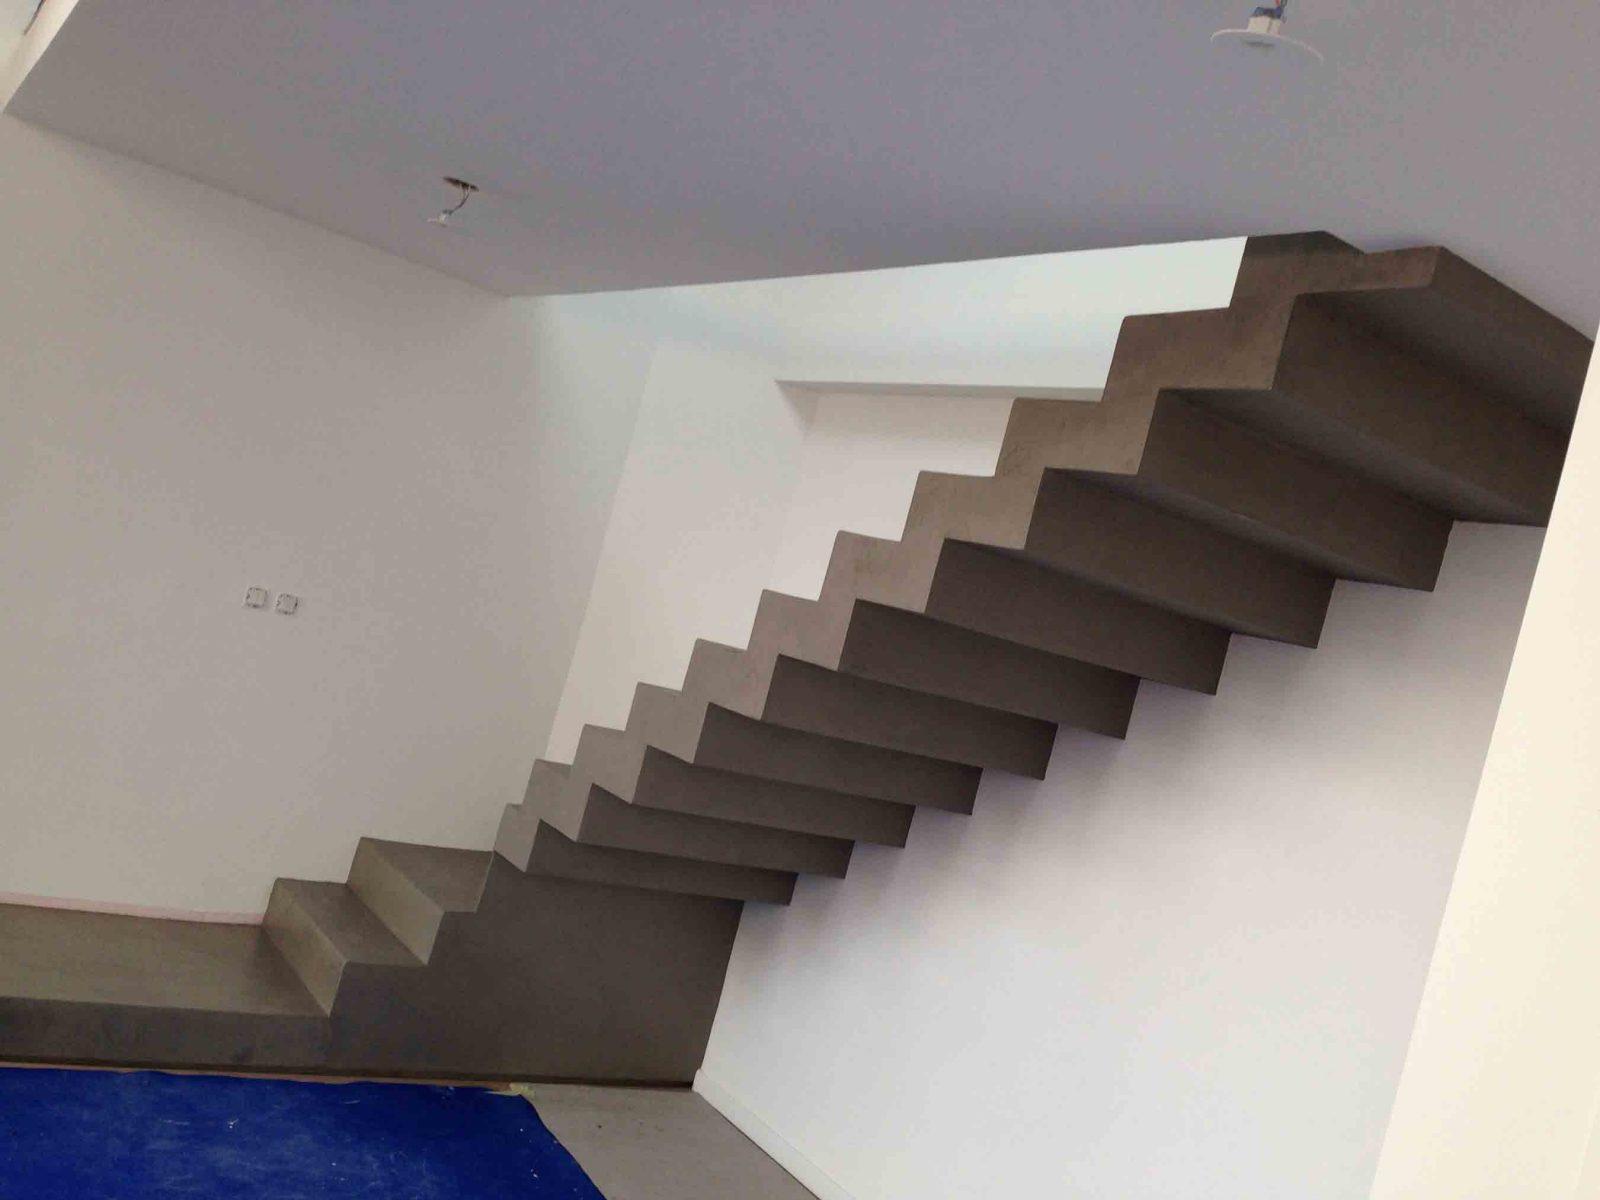 Escalier Ciment Knotslandingonline